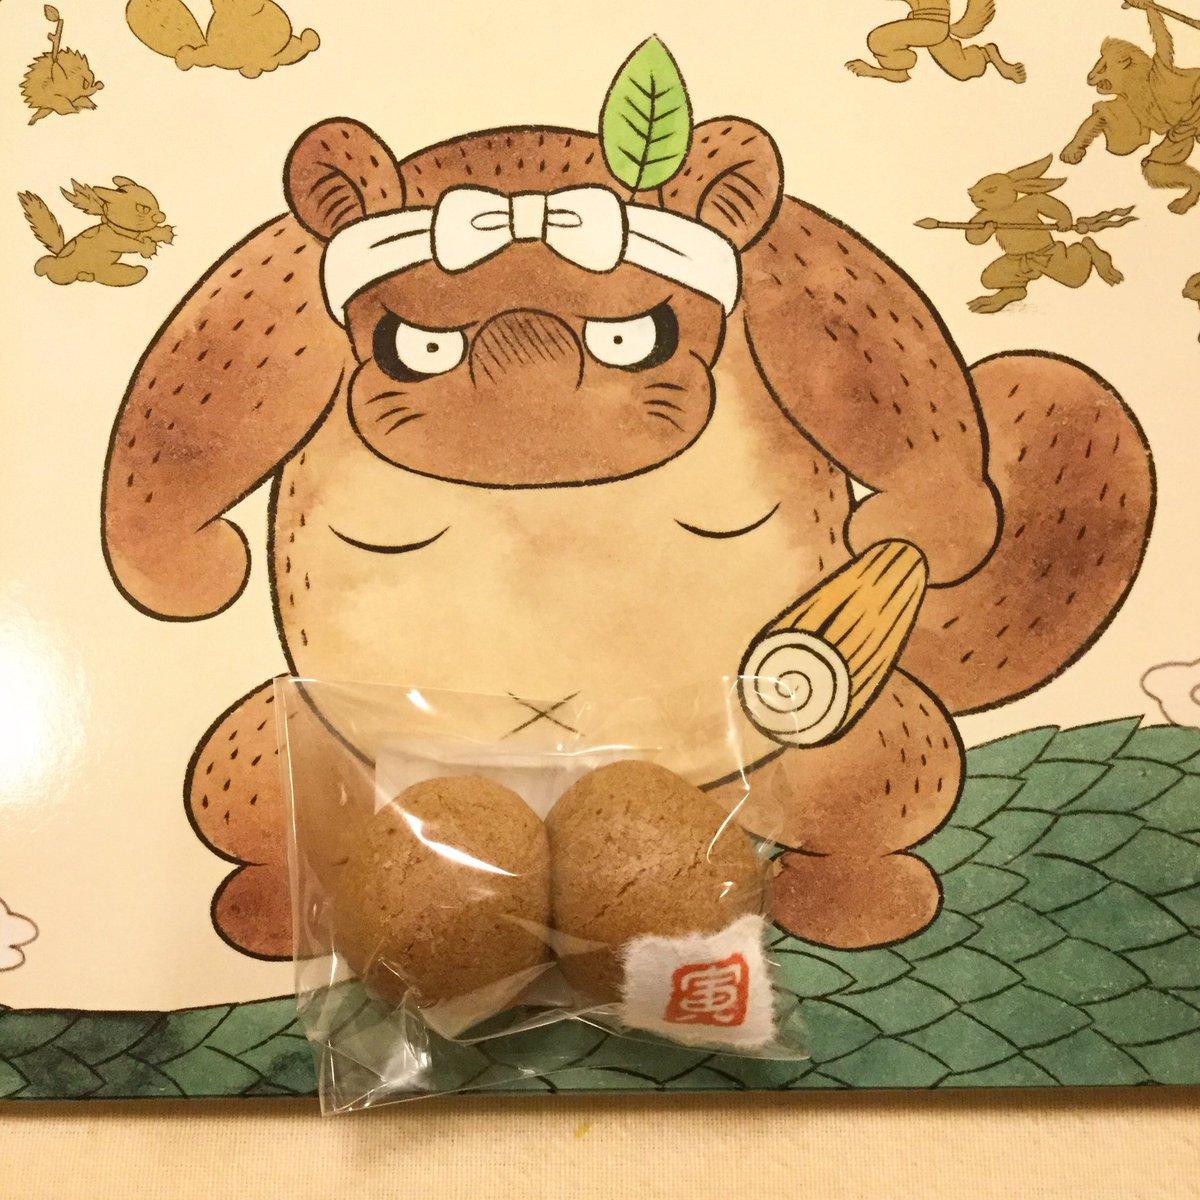 ふぐりクッキーを定位置に。ウレシカでやってる #石黒亜矢子 さんの作品展に行ってきたよ。 https://t.co/m9hnEH7KOJ